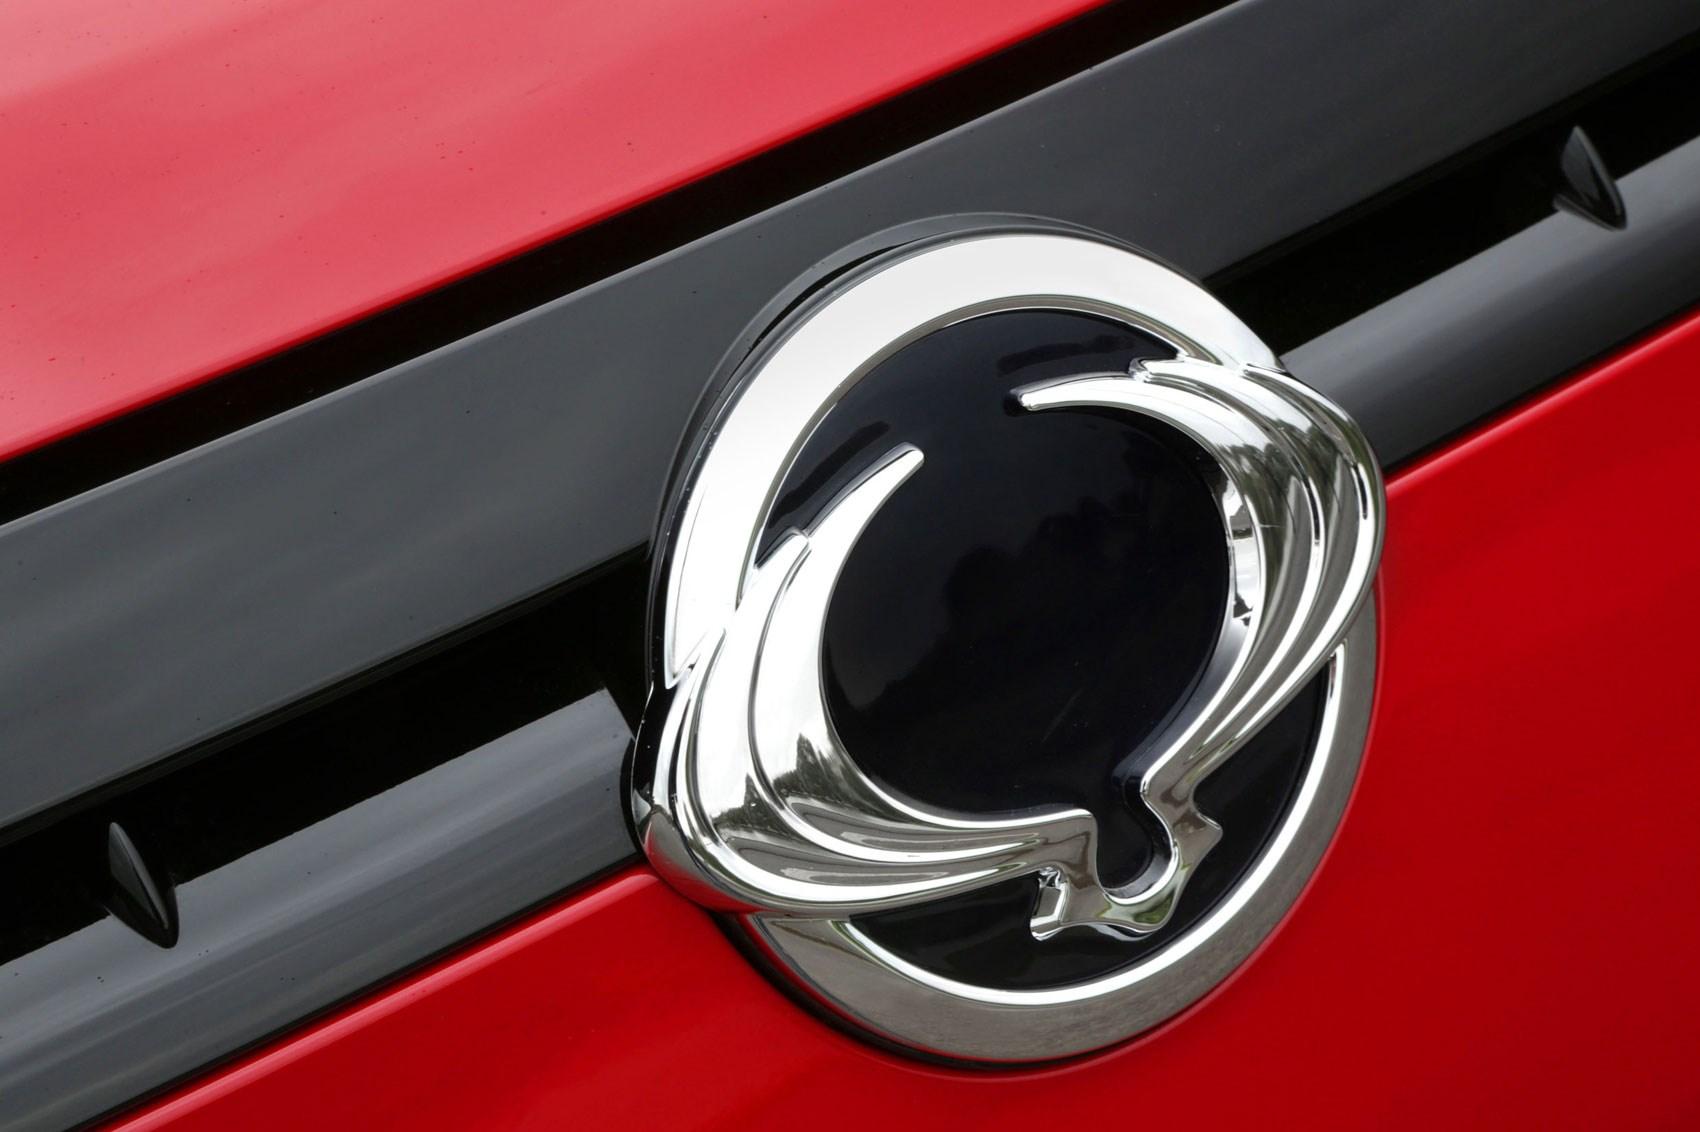 Αναζητούνται νέοι ιδιοκτήτες για γνωστή αυτοκινητοβιομηχανία!